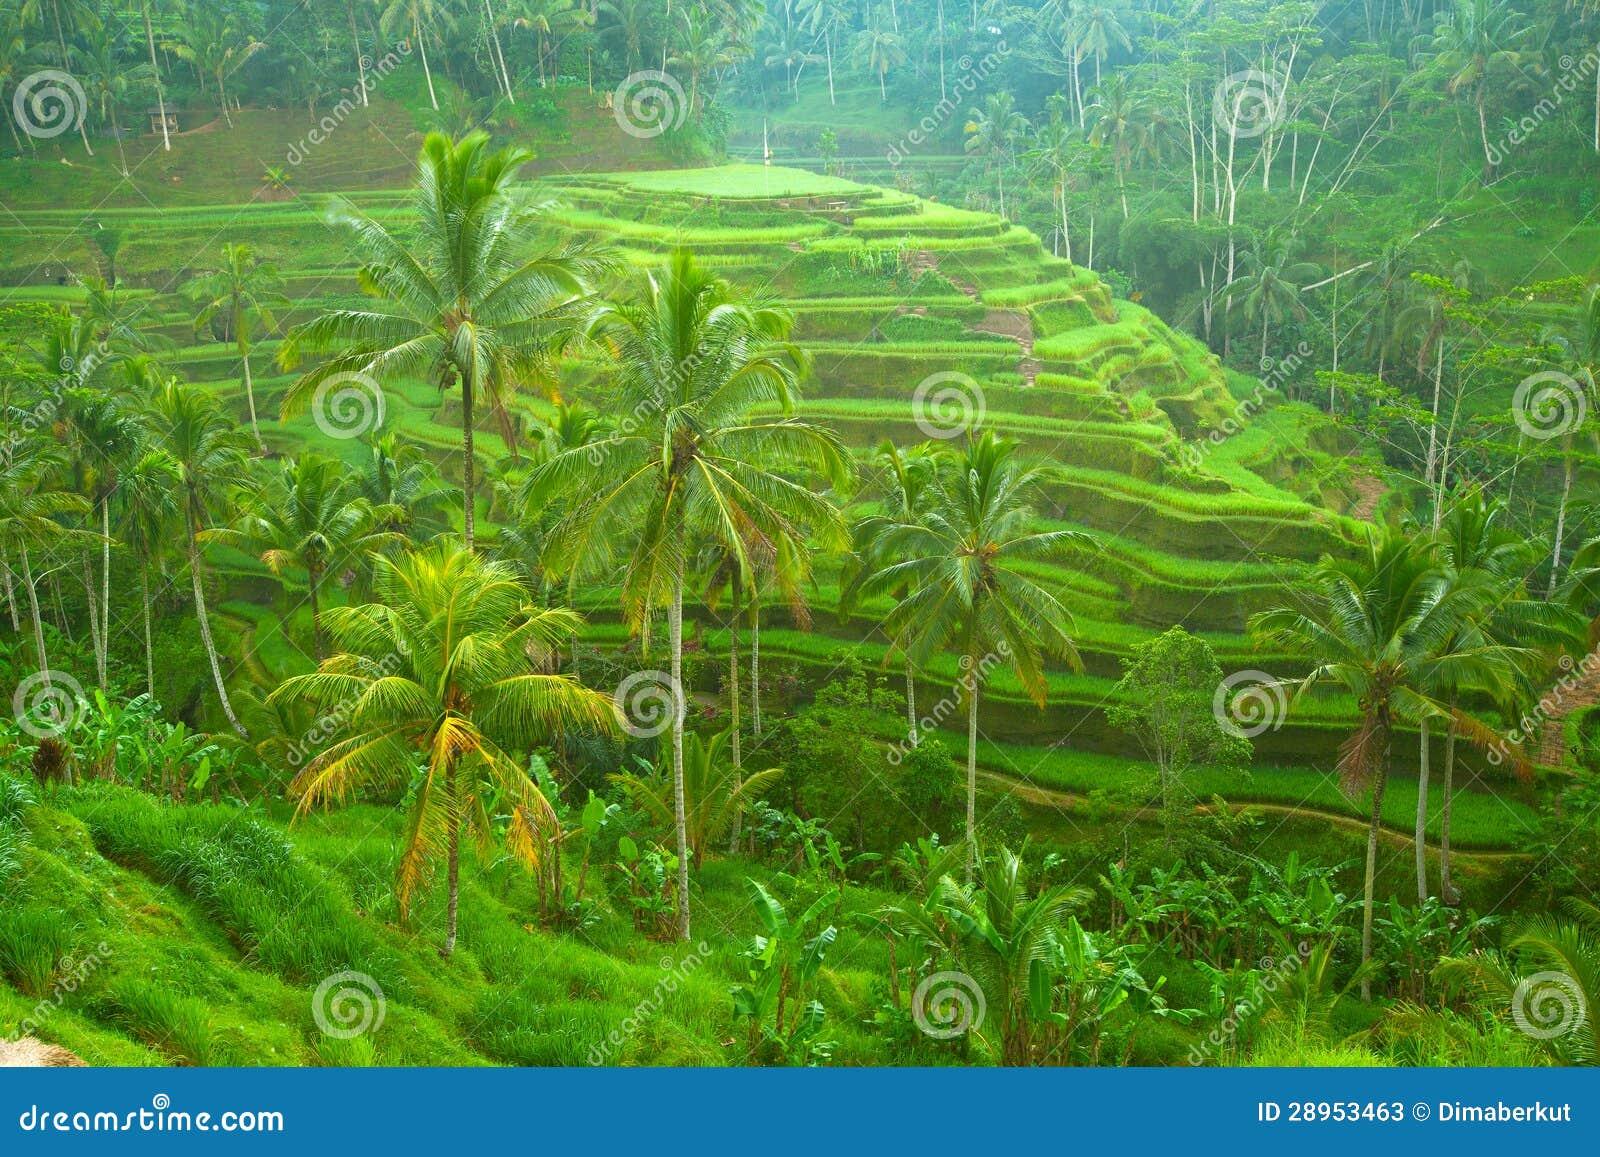 Ryżowy tarrace w górach